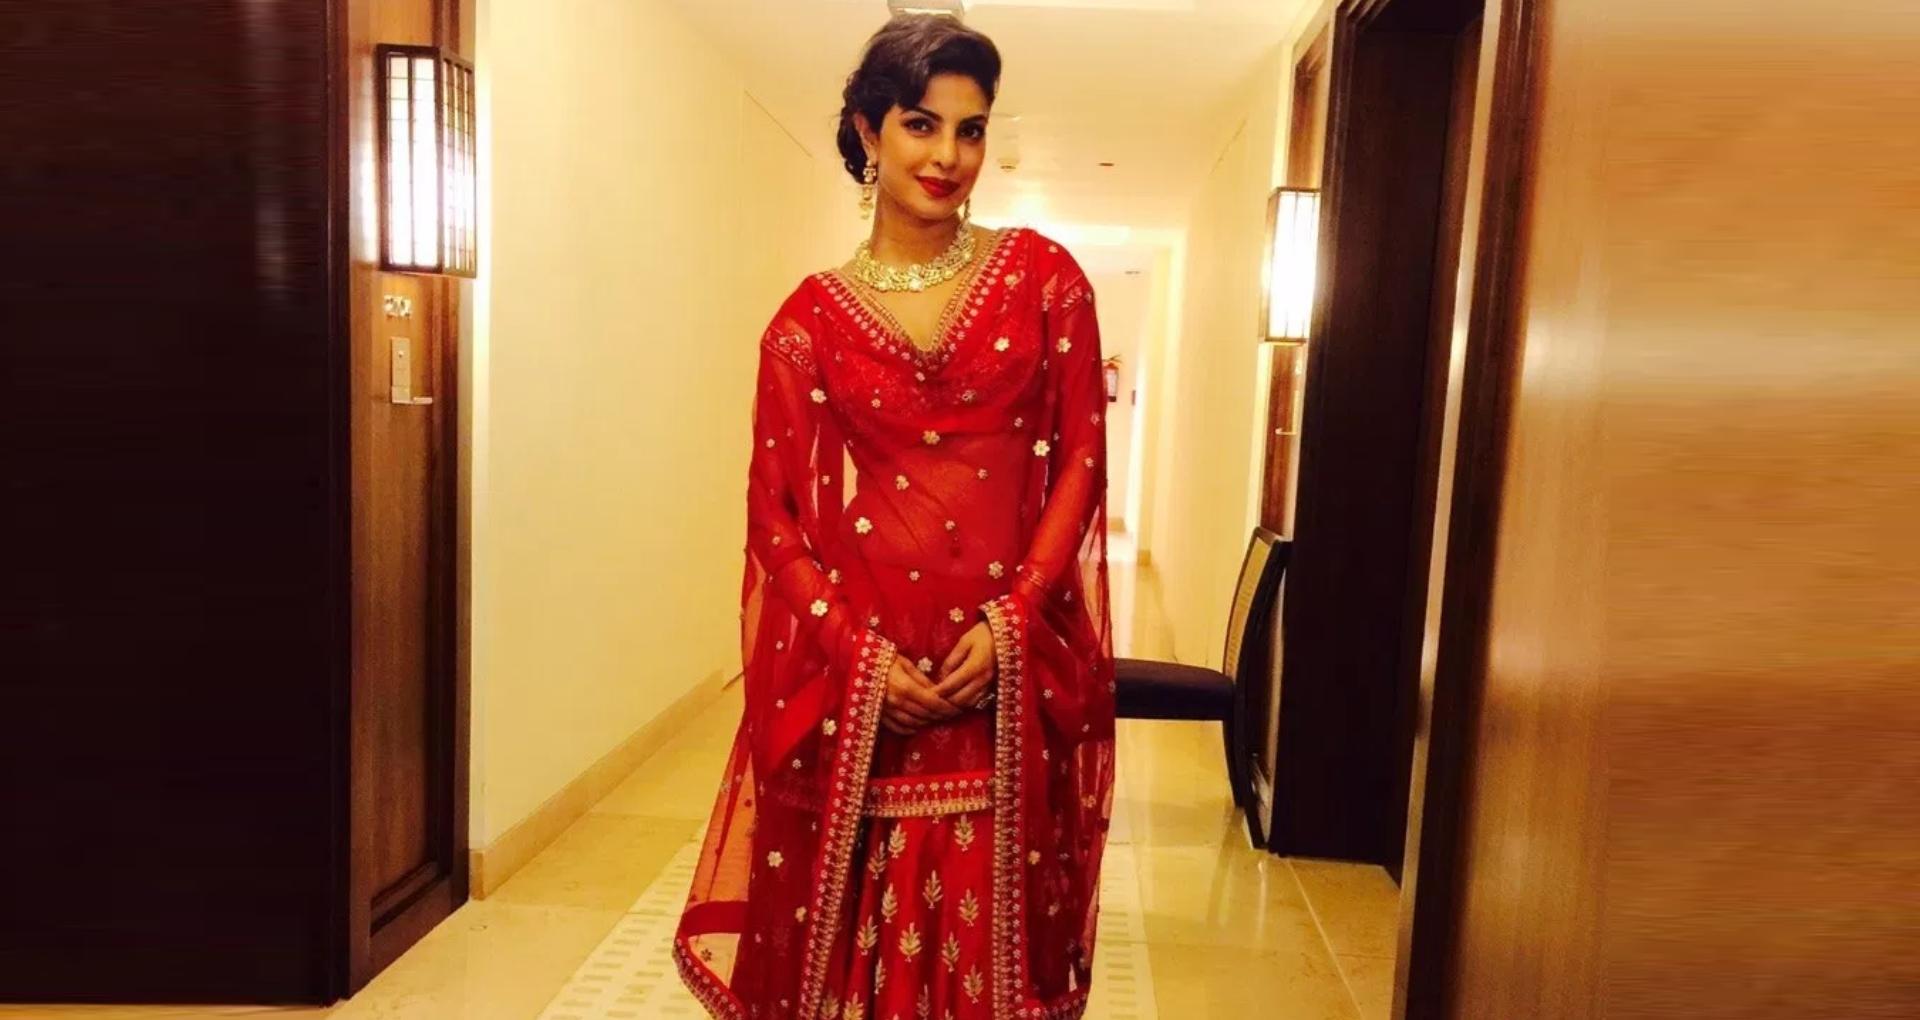 Wedding Dress Tips: लहंगे में पतली और खूबसूरत नजर आने के लिए डाइटिंग करने की नहीं है जरूरत, फॉलो करें ये टिप्स